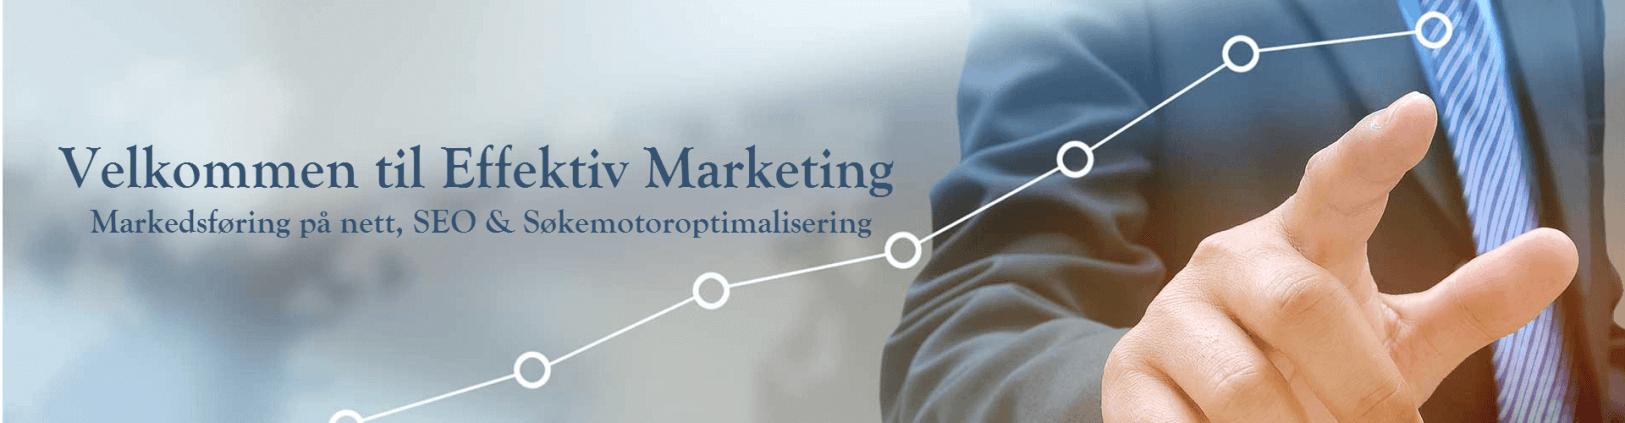 Markedsføring på nett